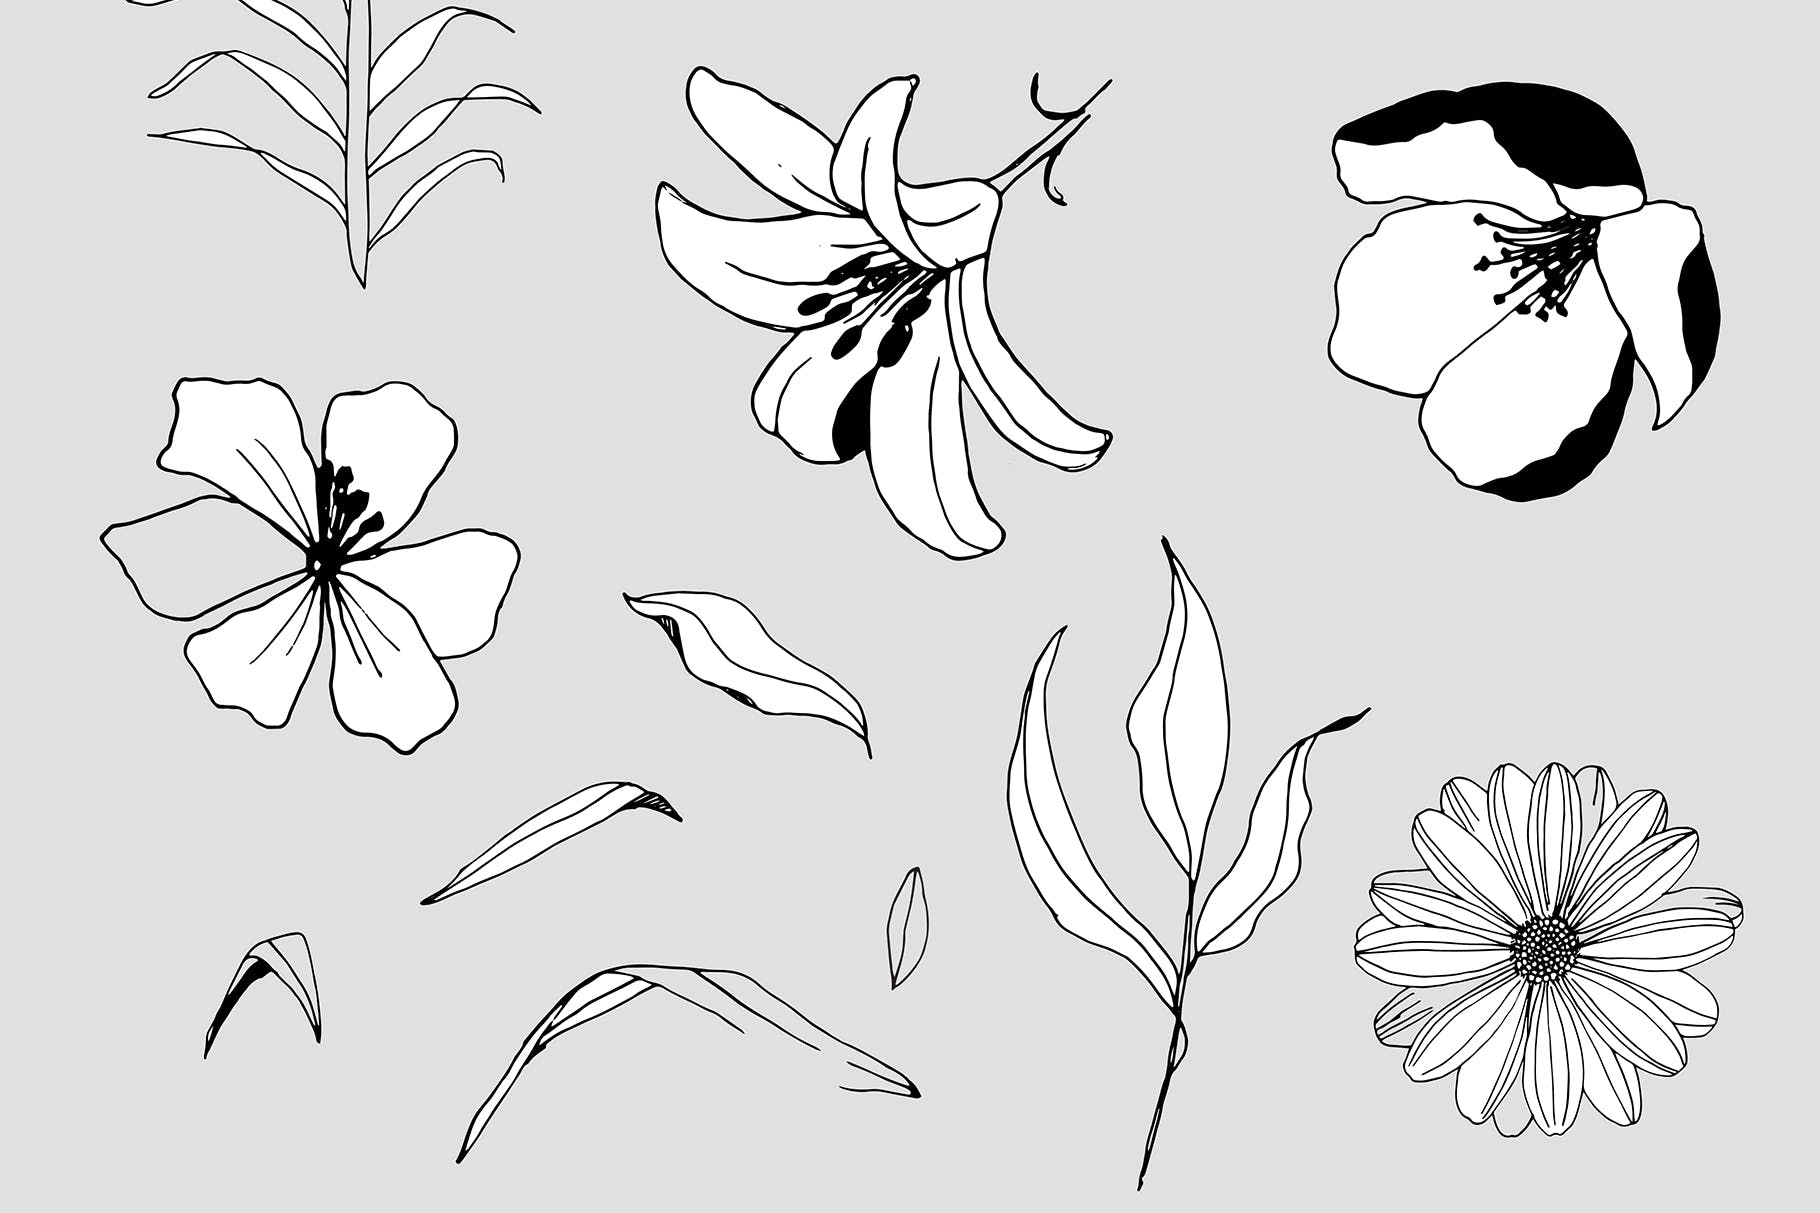 图形花卉图案装饰性元素图案花纹素材下载Graphic Flowers Patterns Elements插图(11)